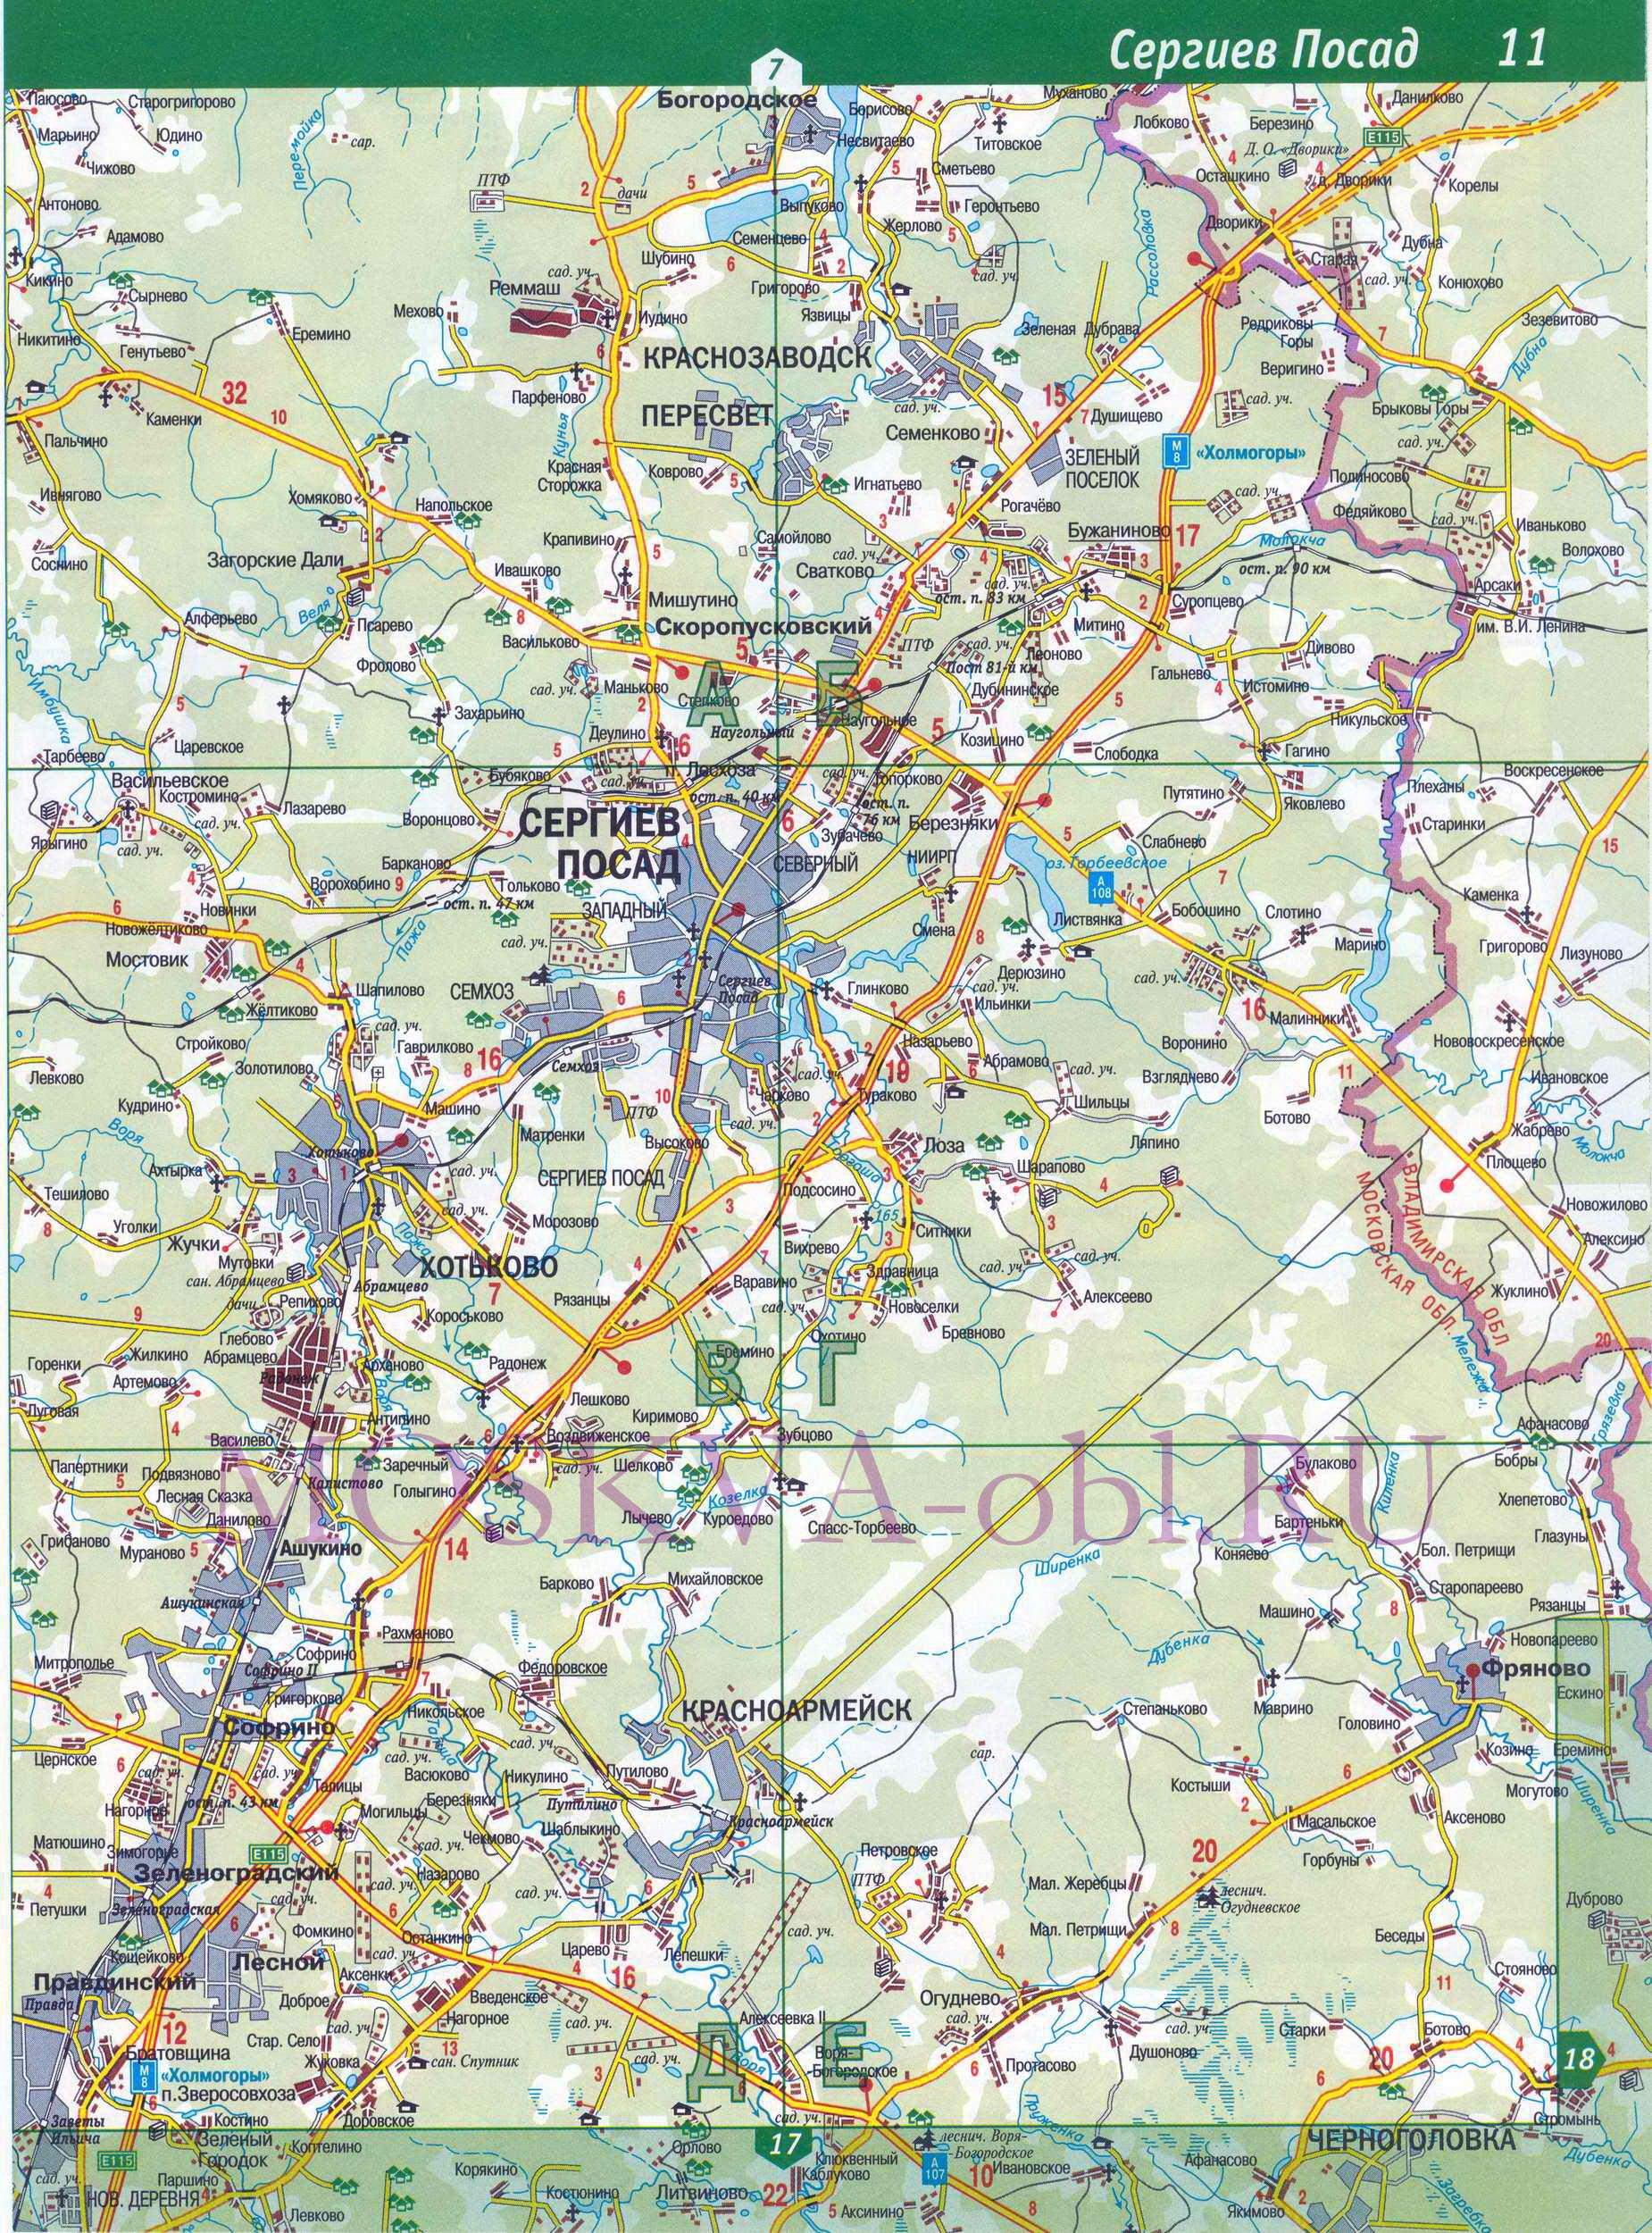 Схема дмитровского район